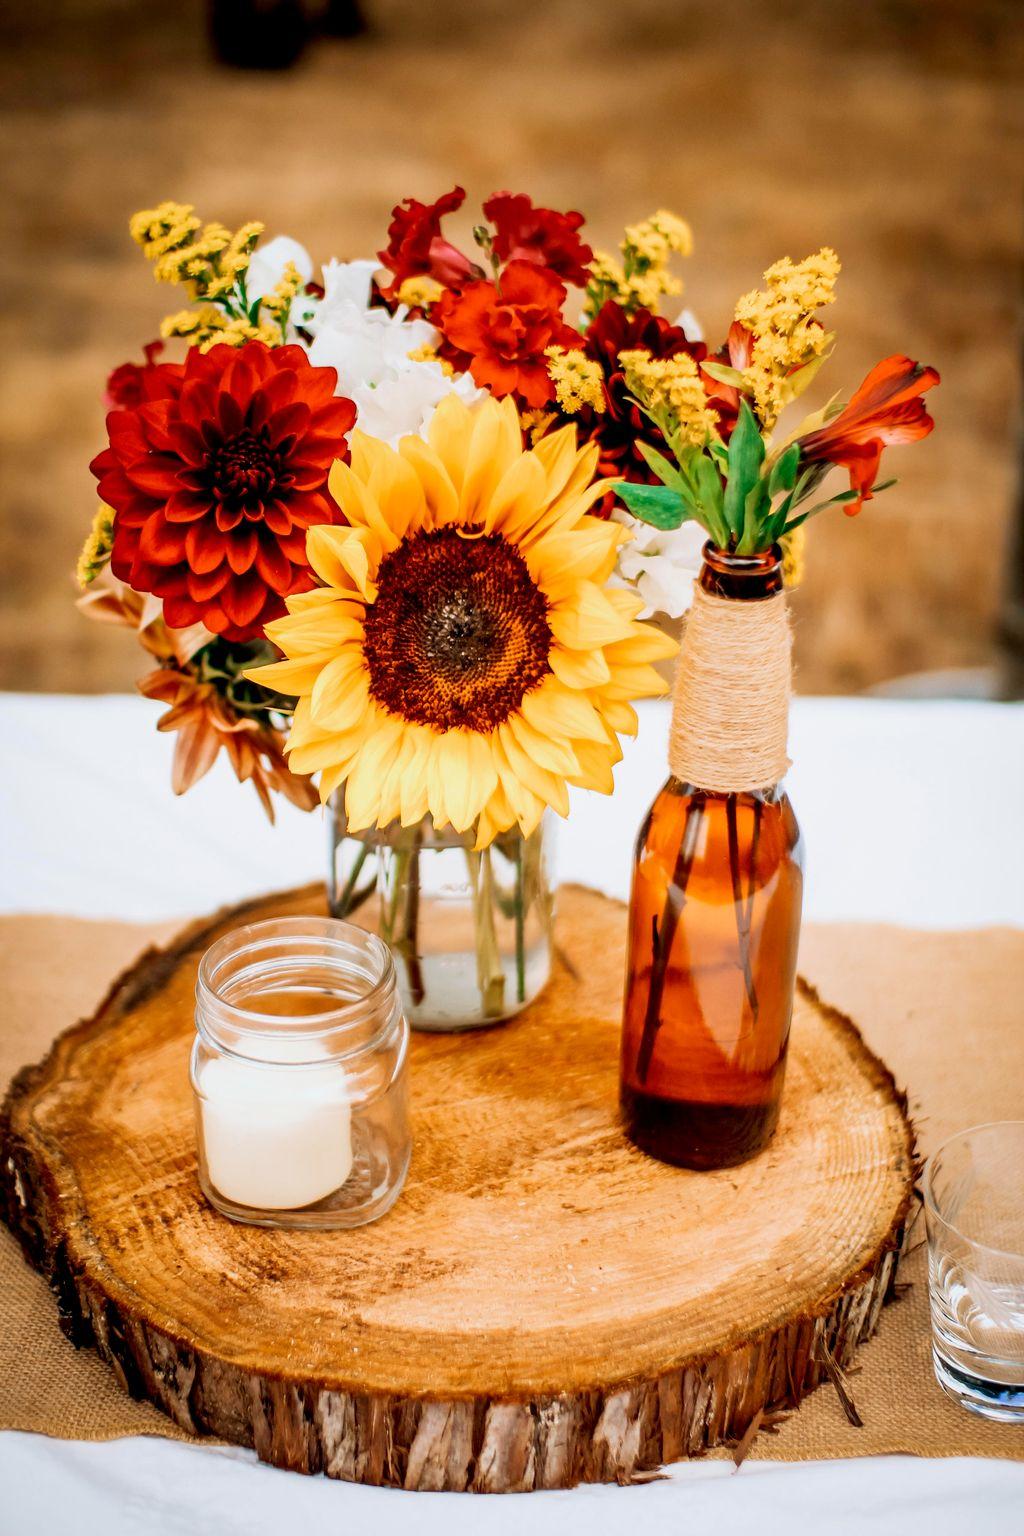 Weddings 50-100 Guests